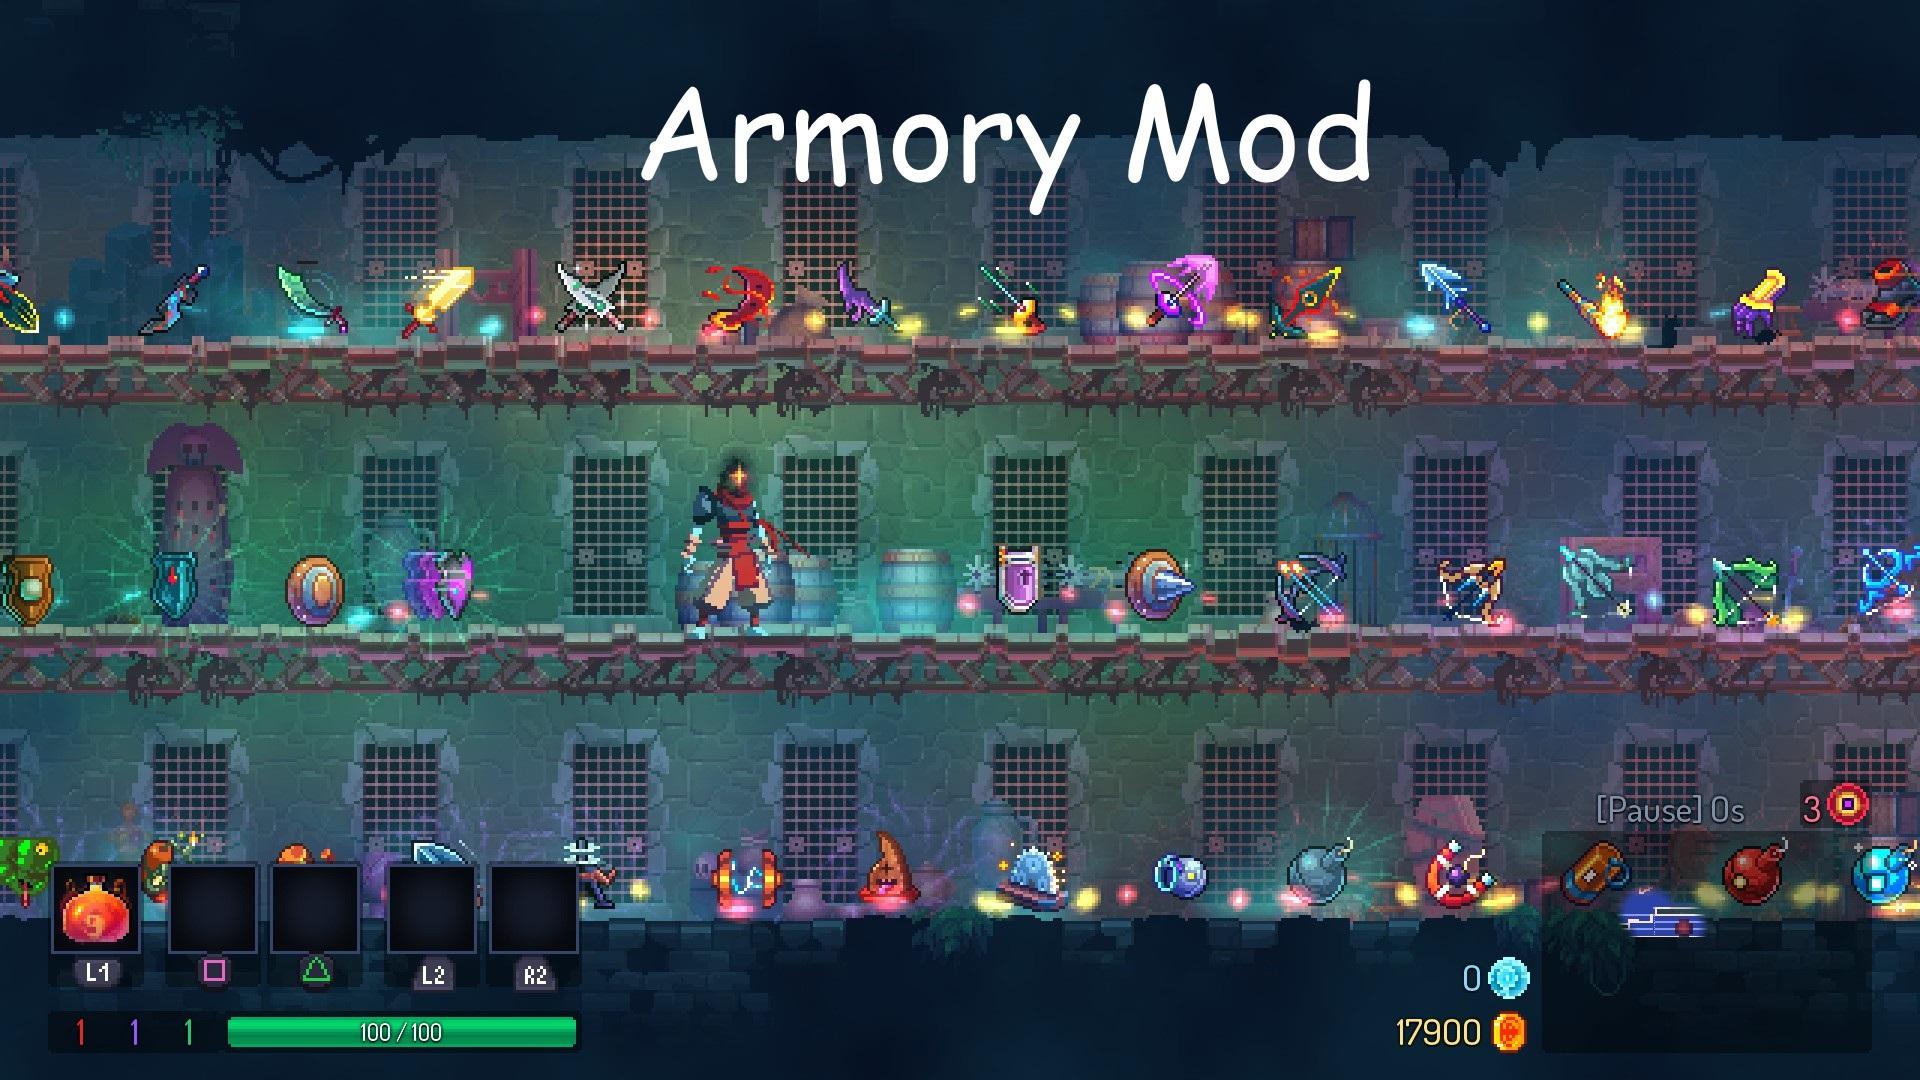 Inky's Armory Mod